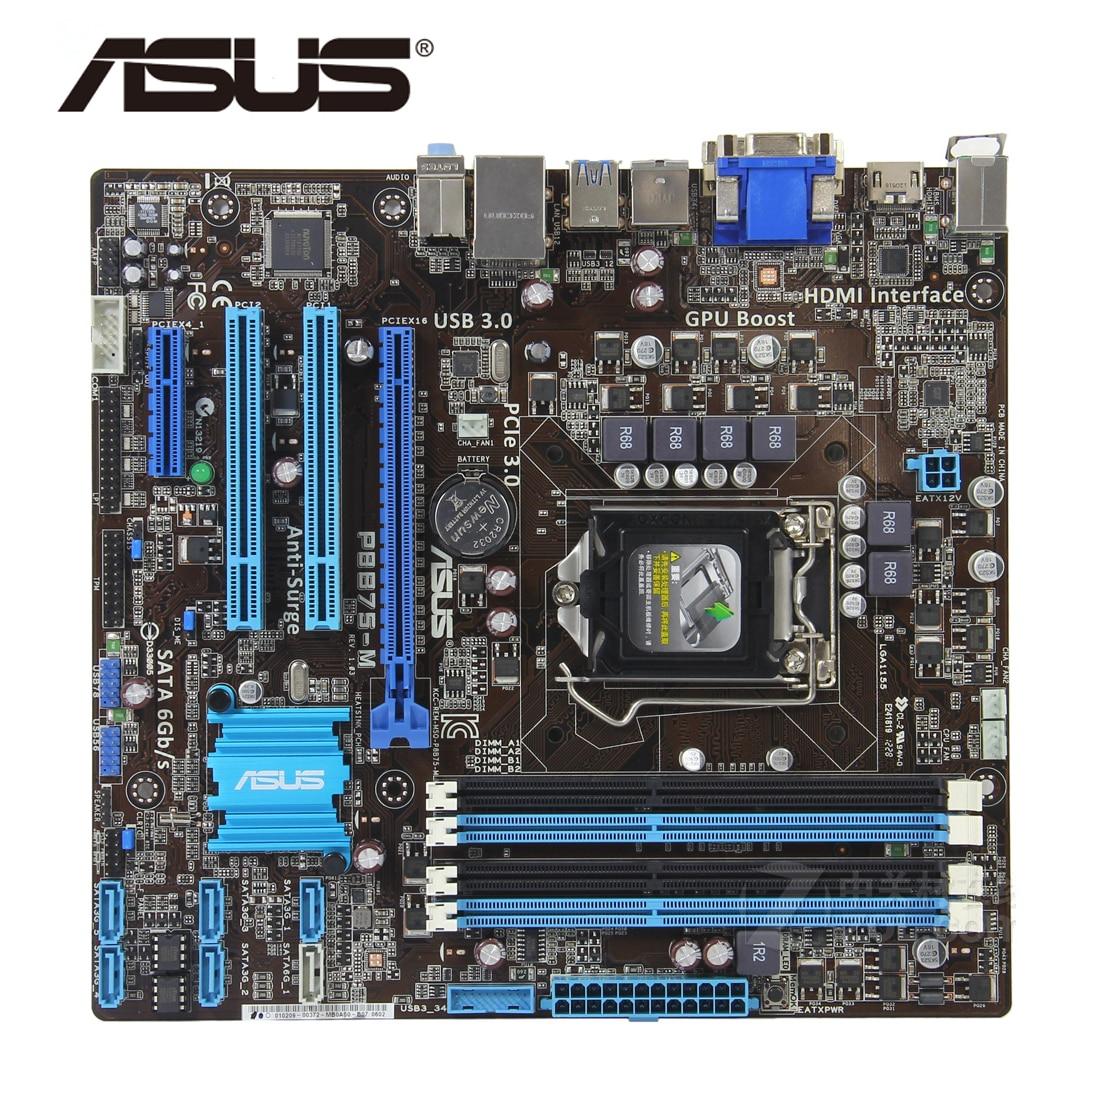 US $86 64 24% OFF|LGA 1155 B75 100% Original ASUS P8B75 M P8B75M/CSM  Motherboard Socket SATA III 4 x DDR3 32GB USB3 0 P8B75 M/CSM Mainboard  Used-in